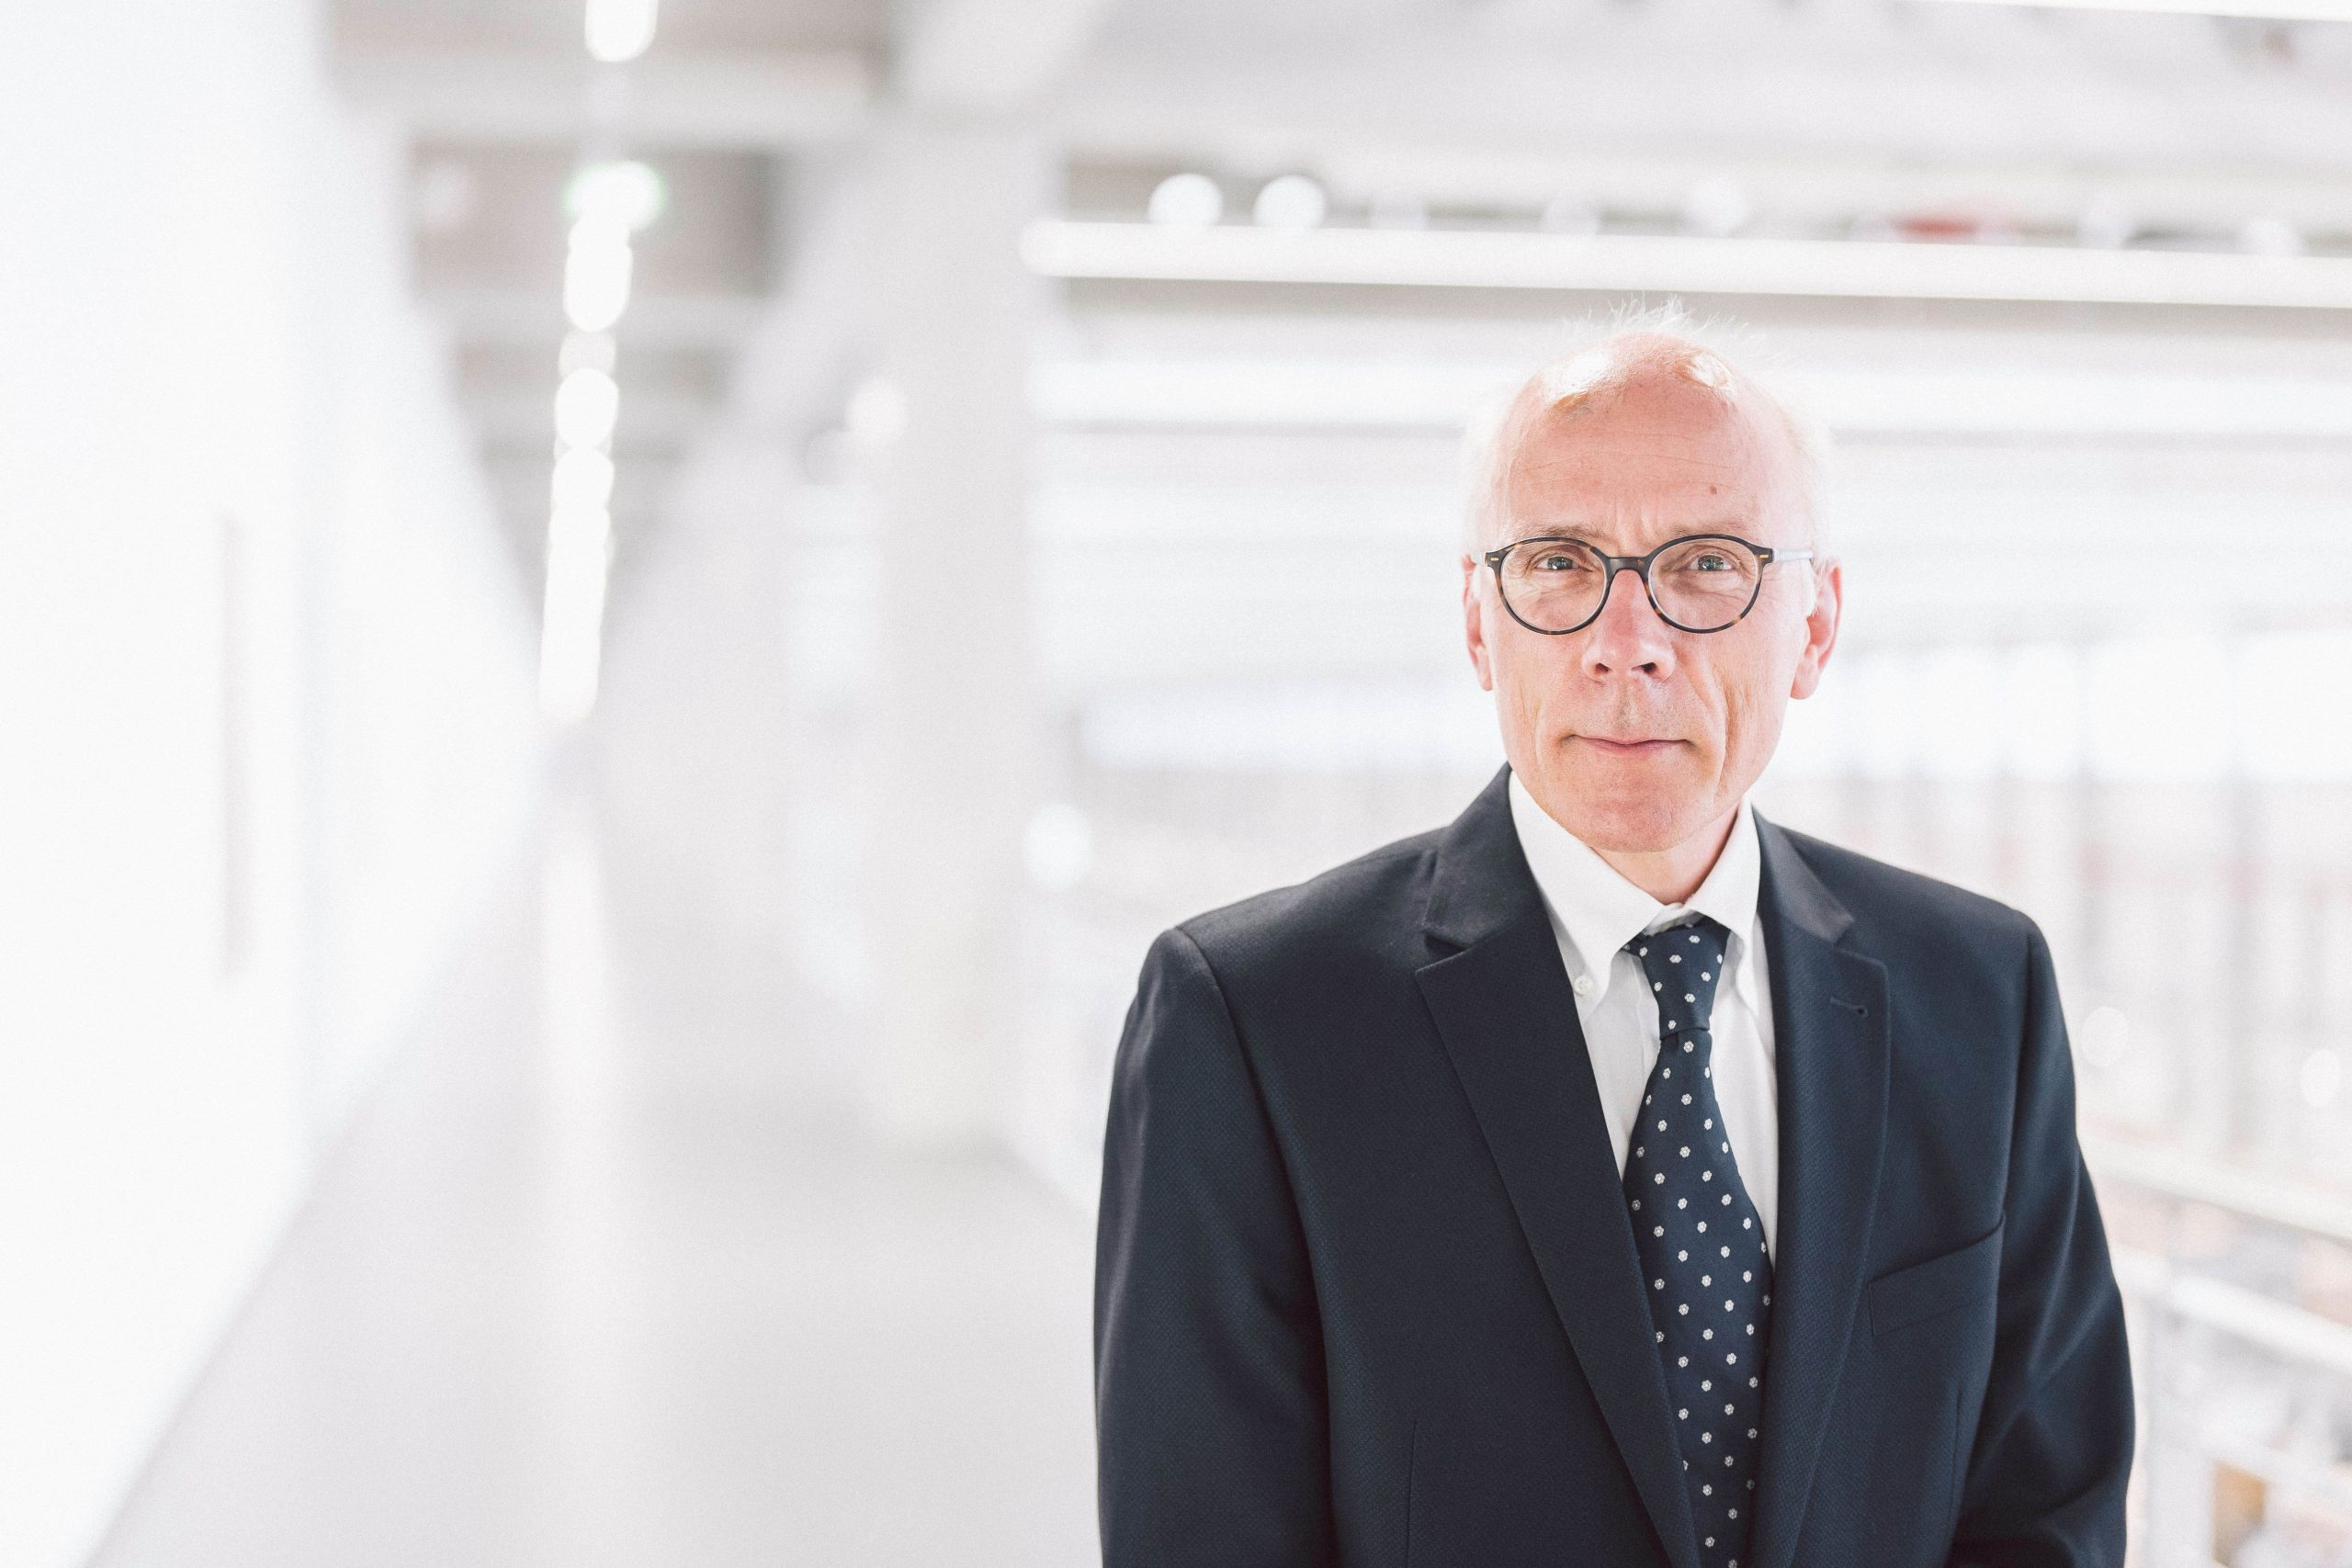 EBM-Papst-CEO verlässt das Unternehmen